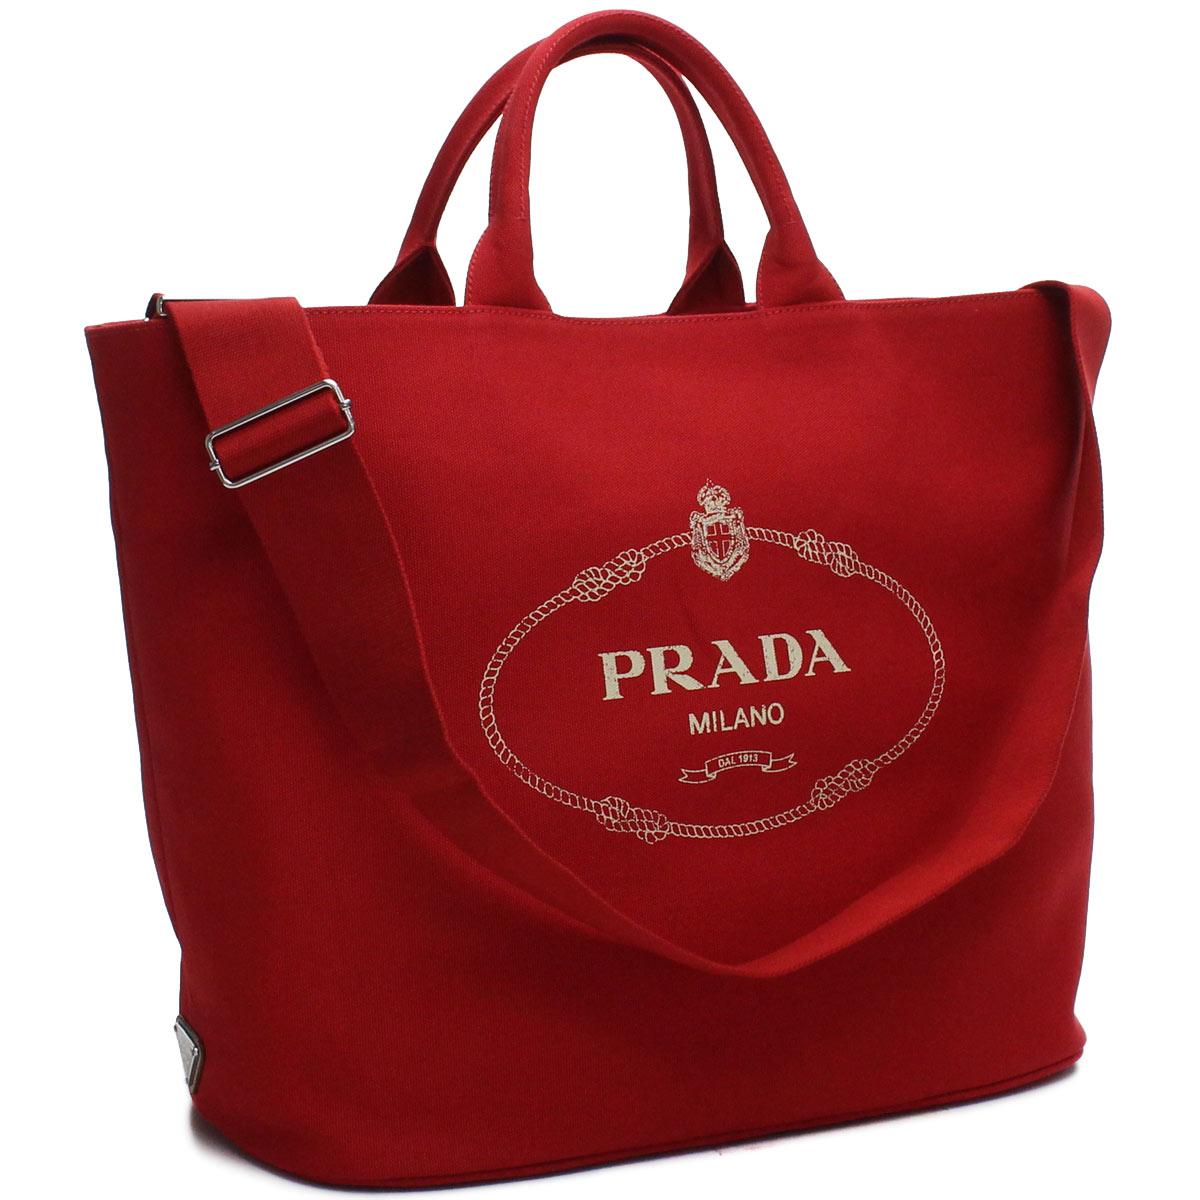 レディースバッグ, トートバッグ  PRADA 1BG161 ZKI V OOO F0011 ROSSO tote BAG A4 ladies brand bag OLS-1 gsw-1